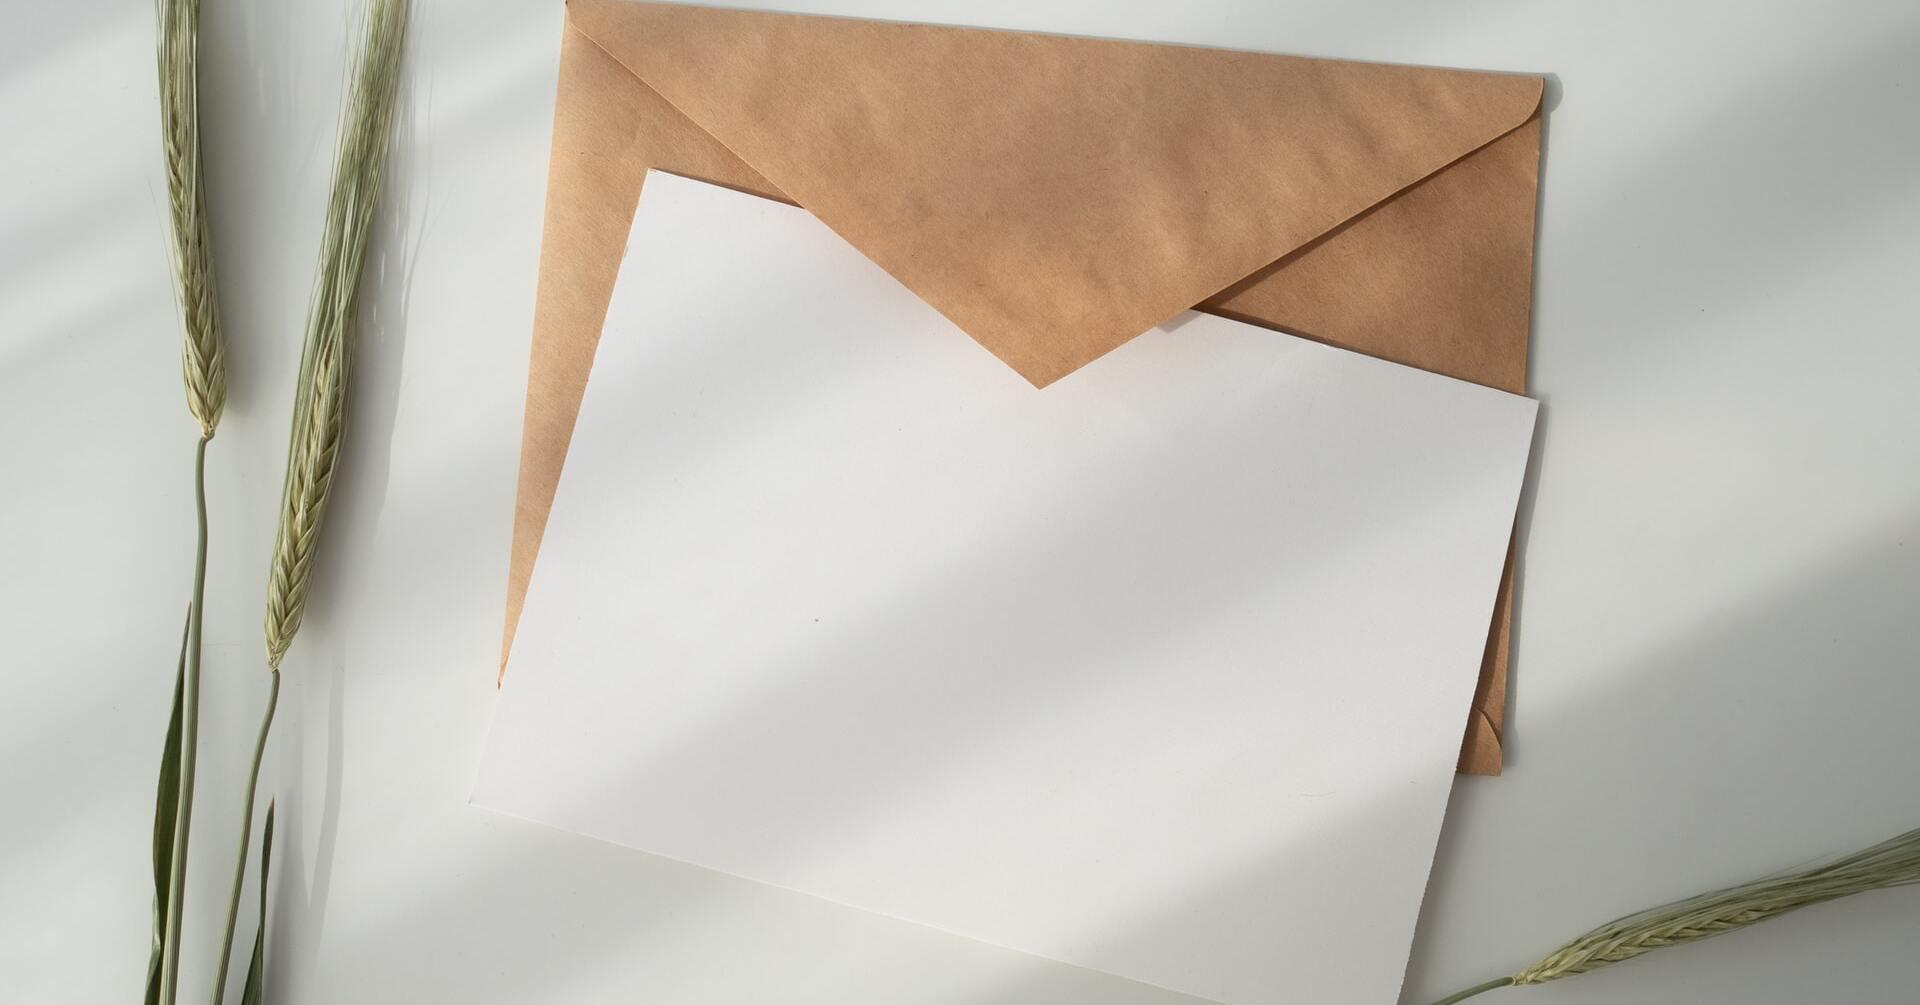 転職の面接終了後にお礼メールは送らない?送った方がいい理由と例文